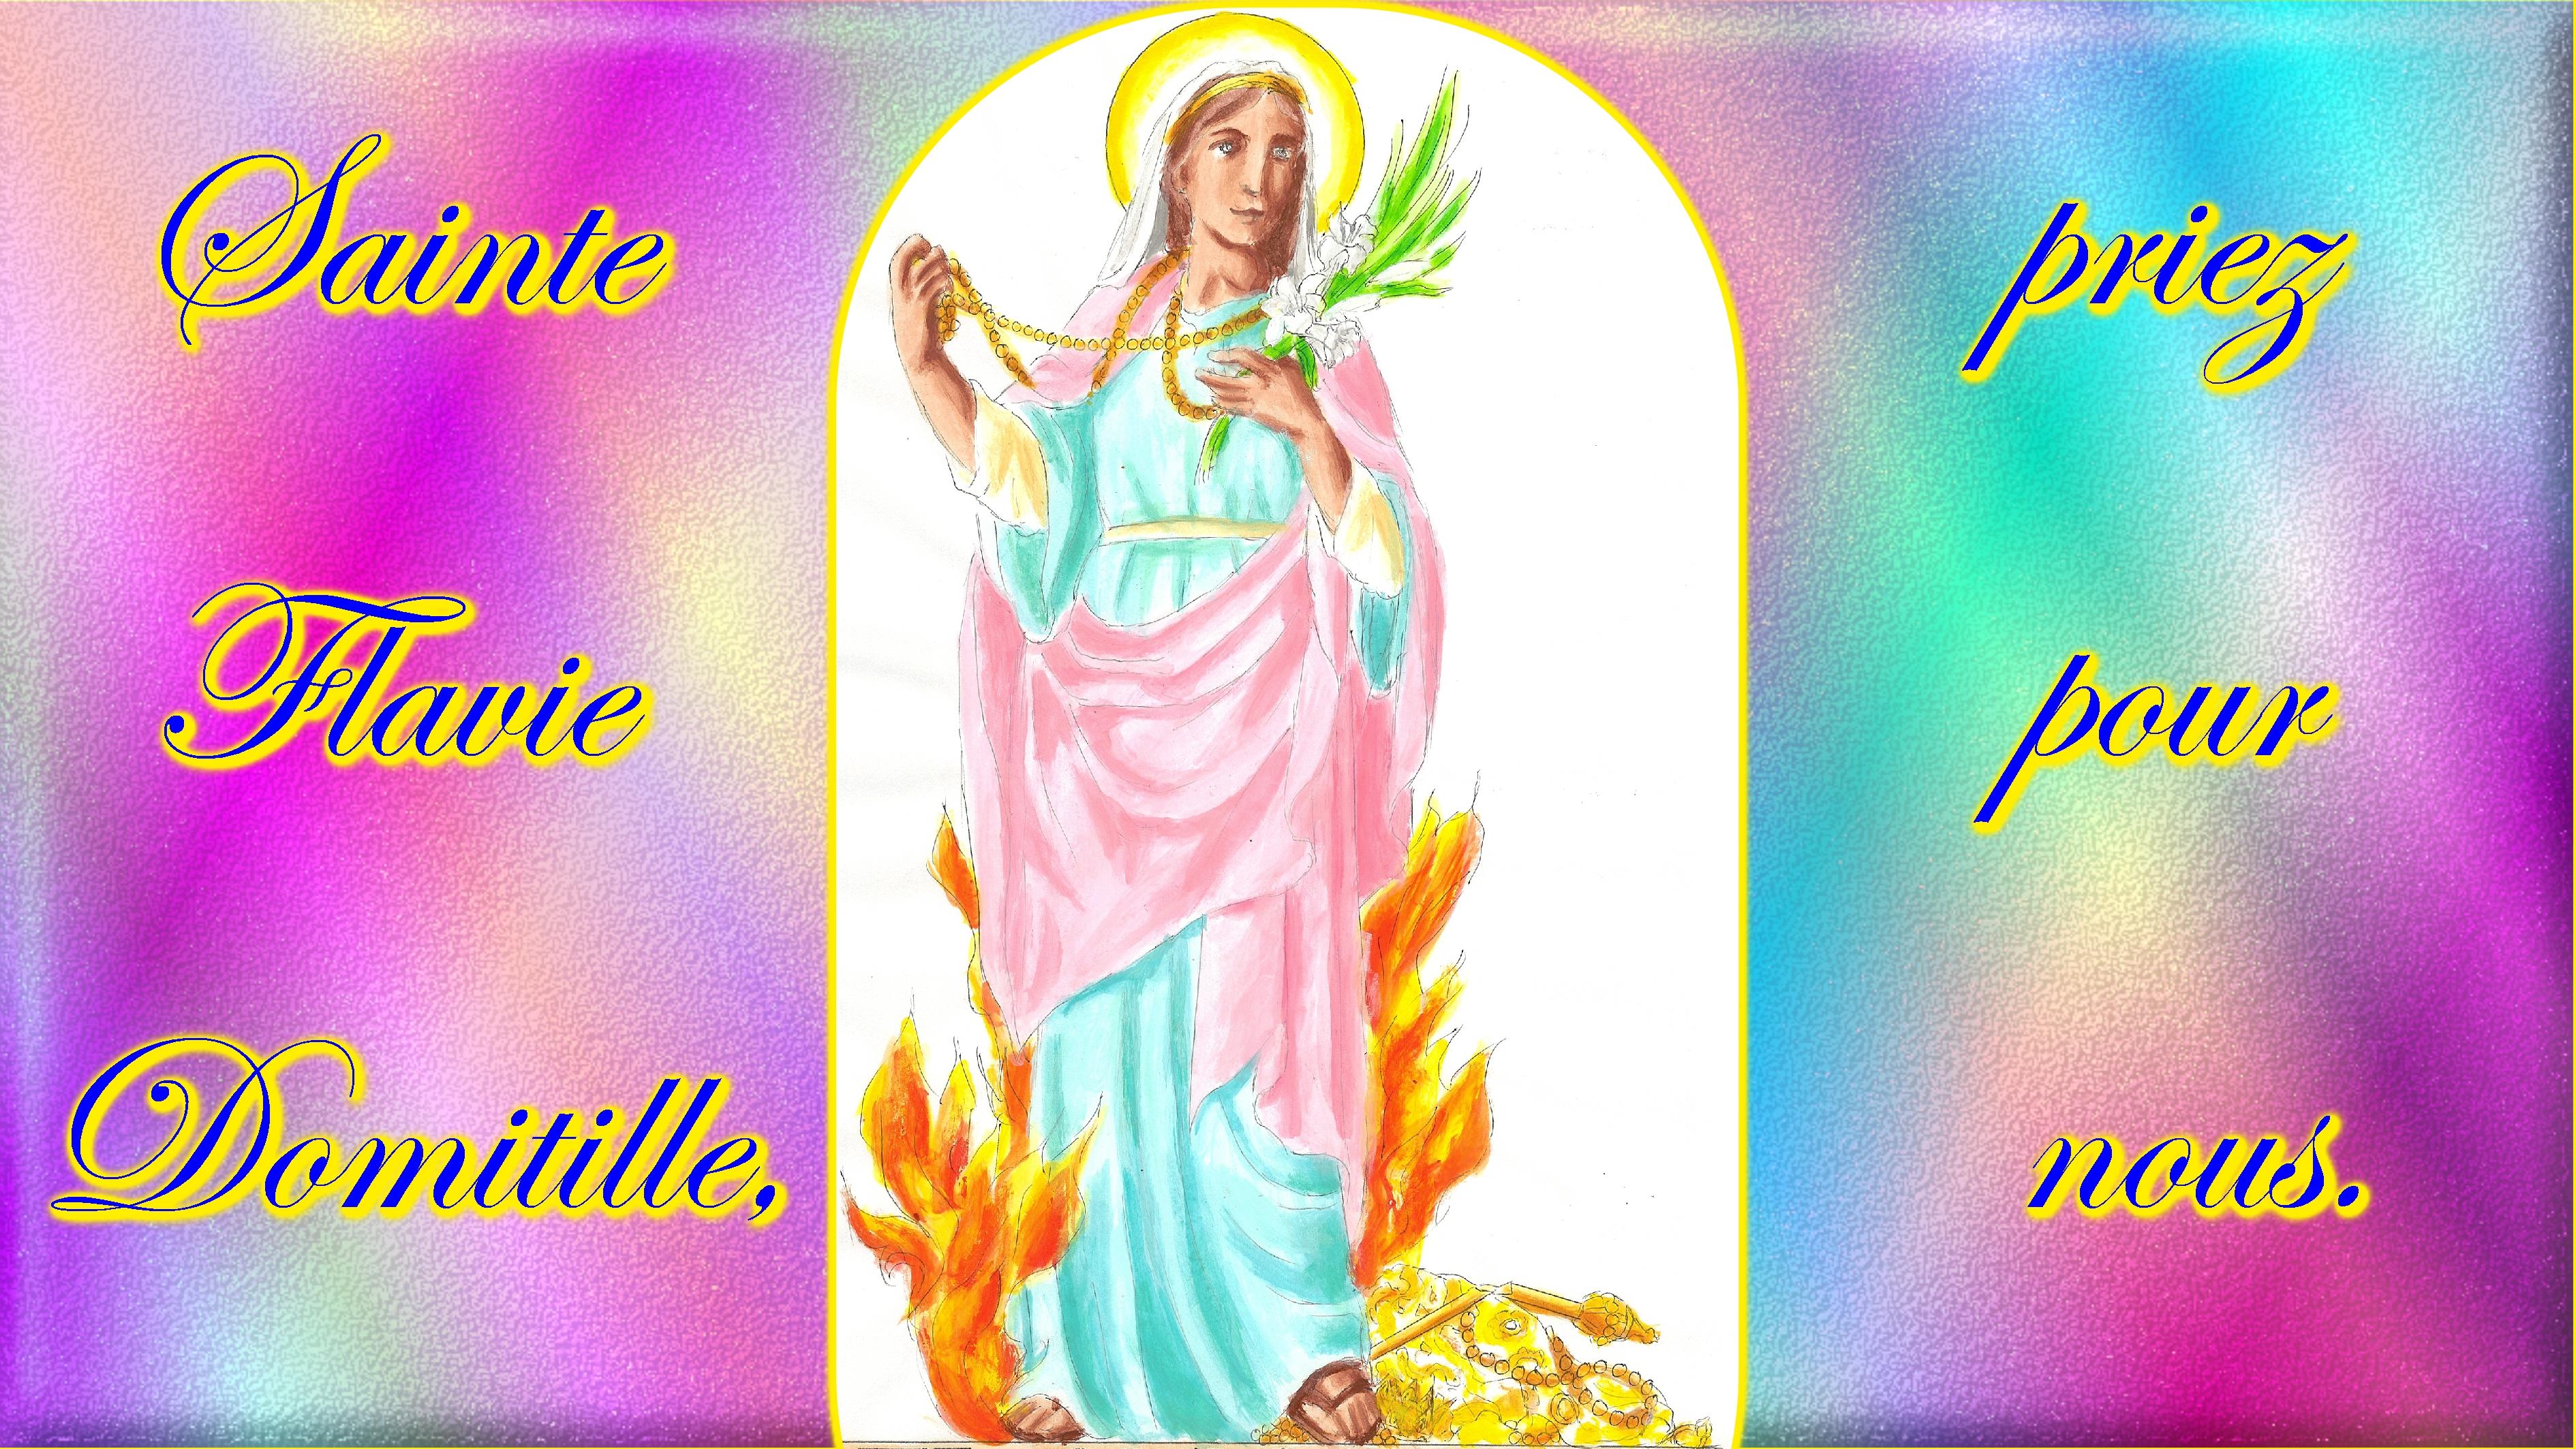 CALENDRIER CATHOLIQUE 2020 (Cantiques, Prières & Images) - Page 14 Ste-flavie-domitille-575e030